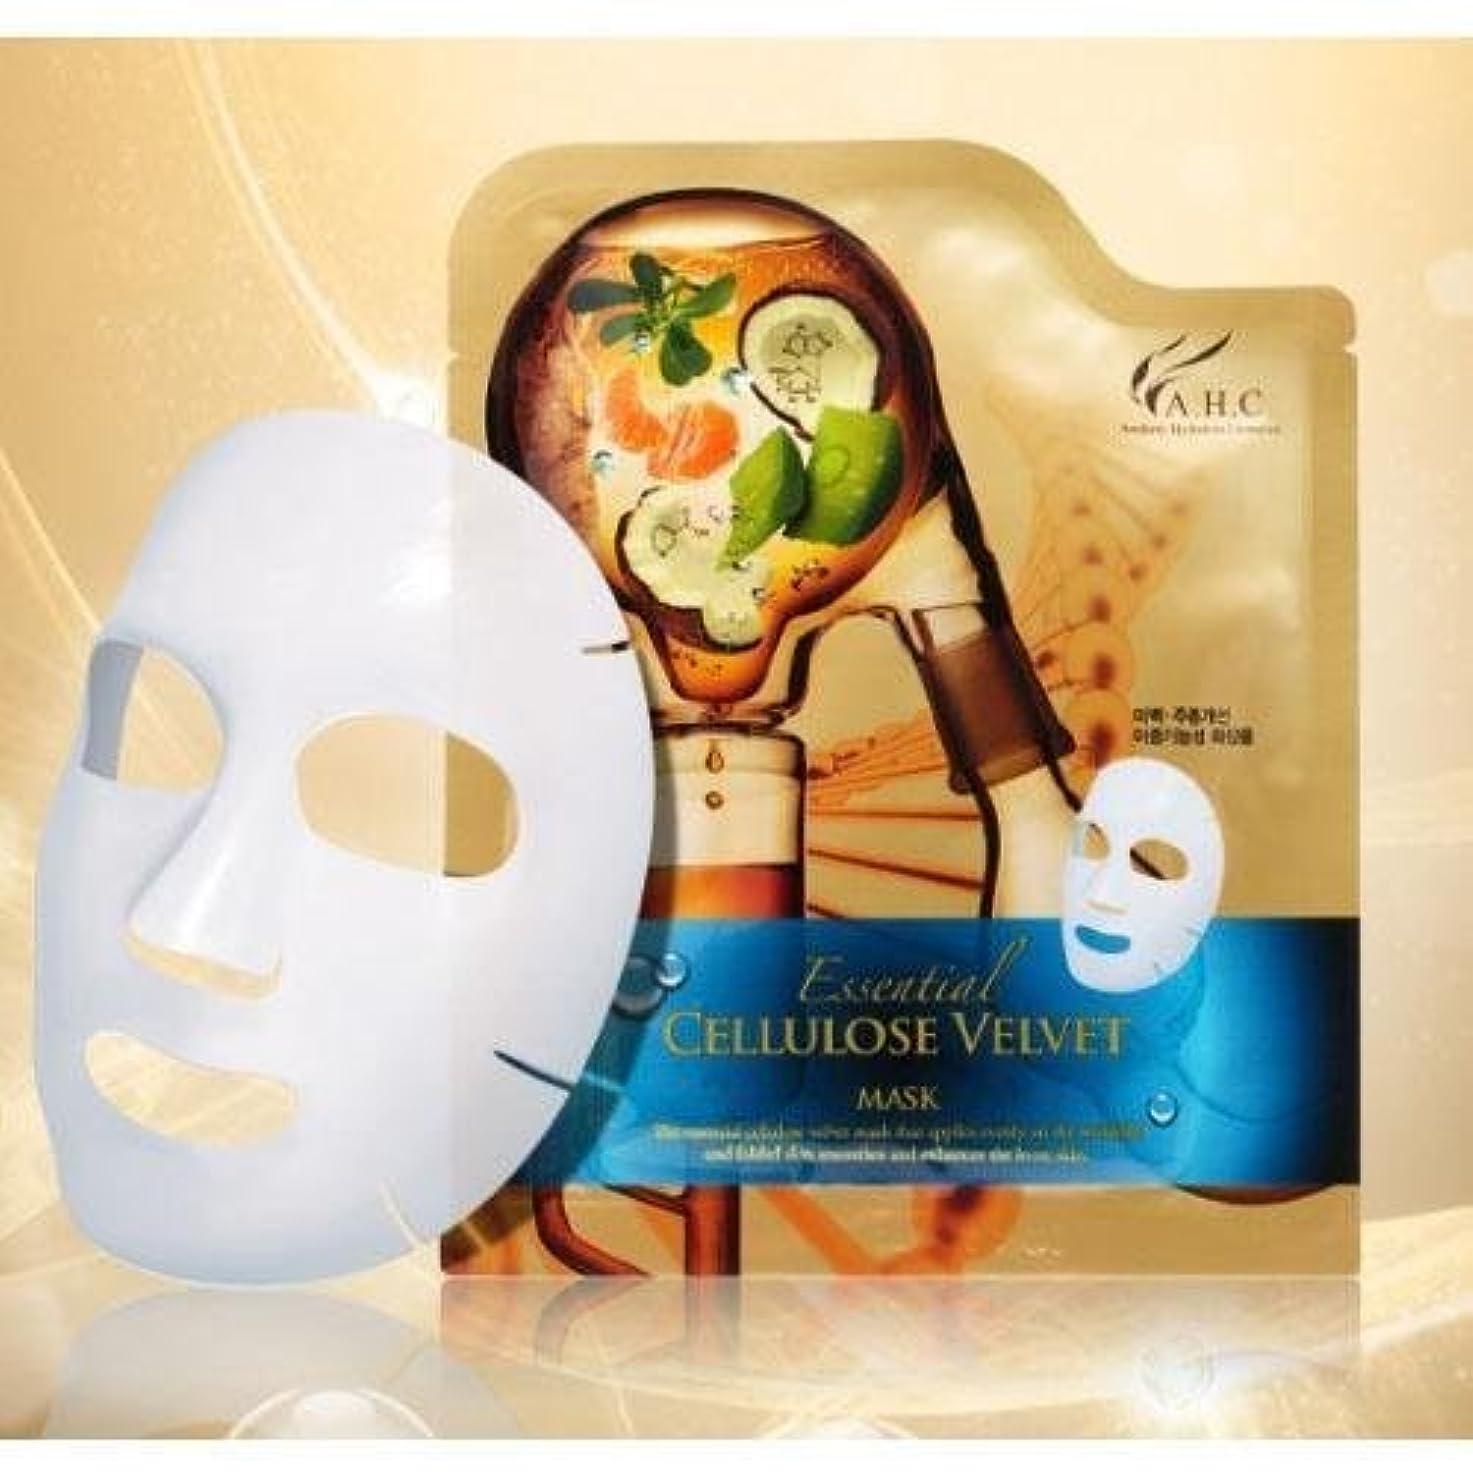 夜明けに動権利を与えるA.H.C Essencial Cellulose Velvet Mask (30g*1EA) [Korean Import]